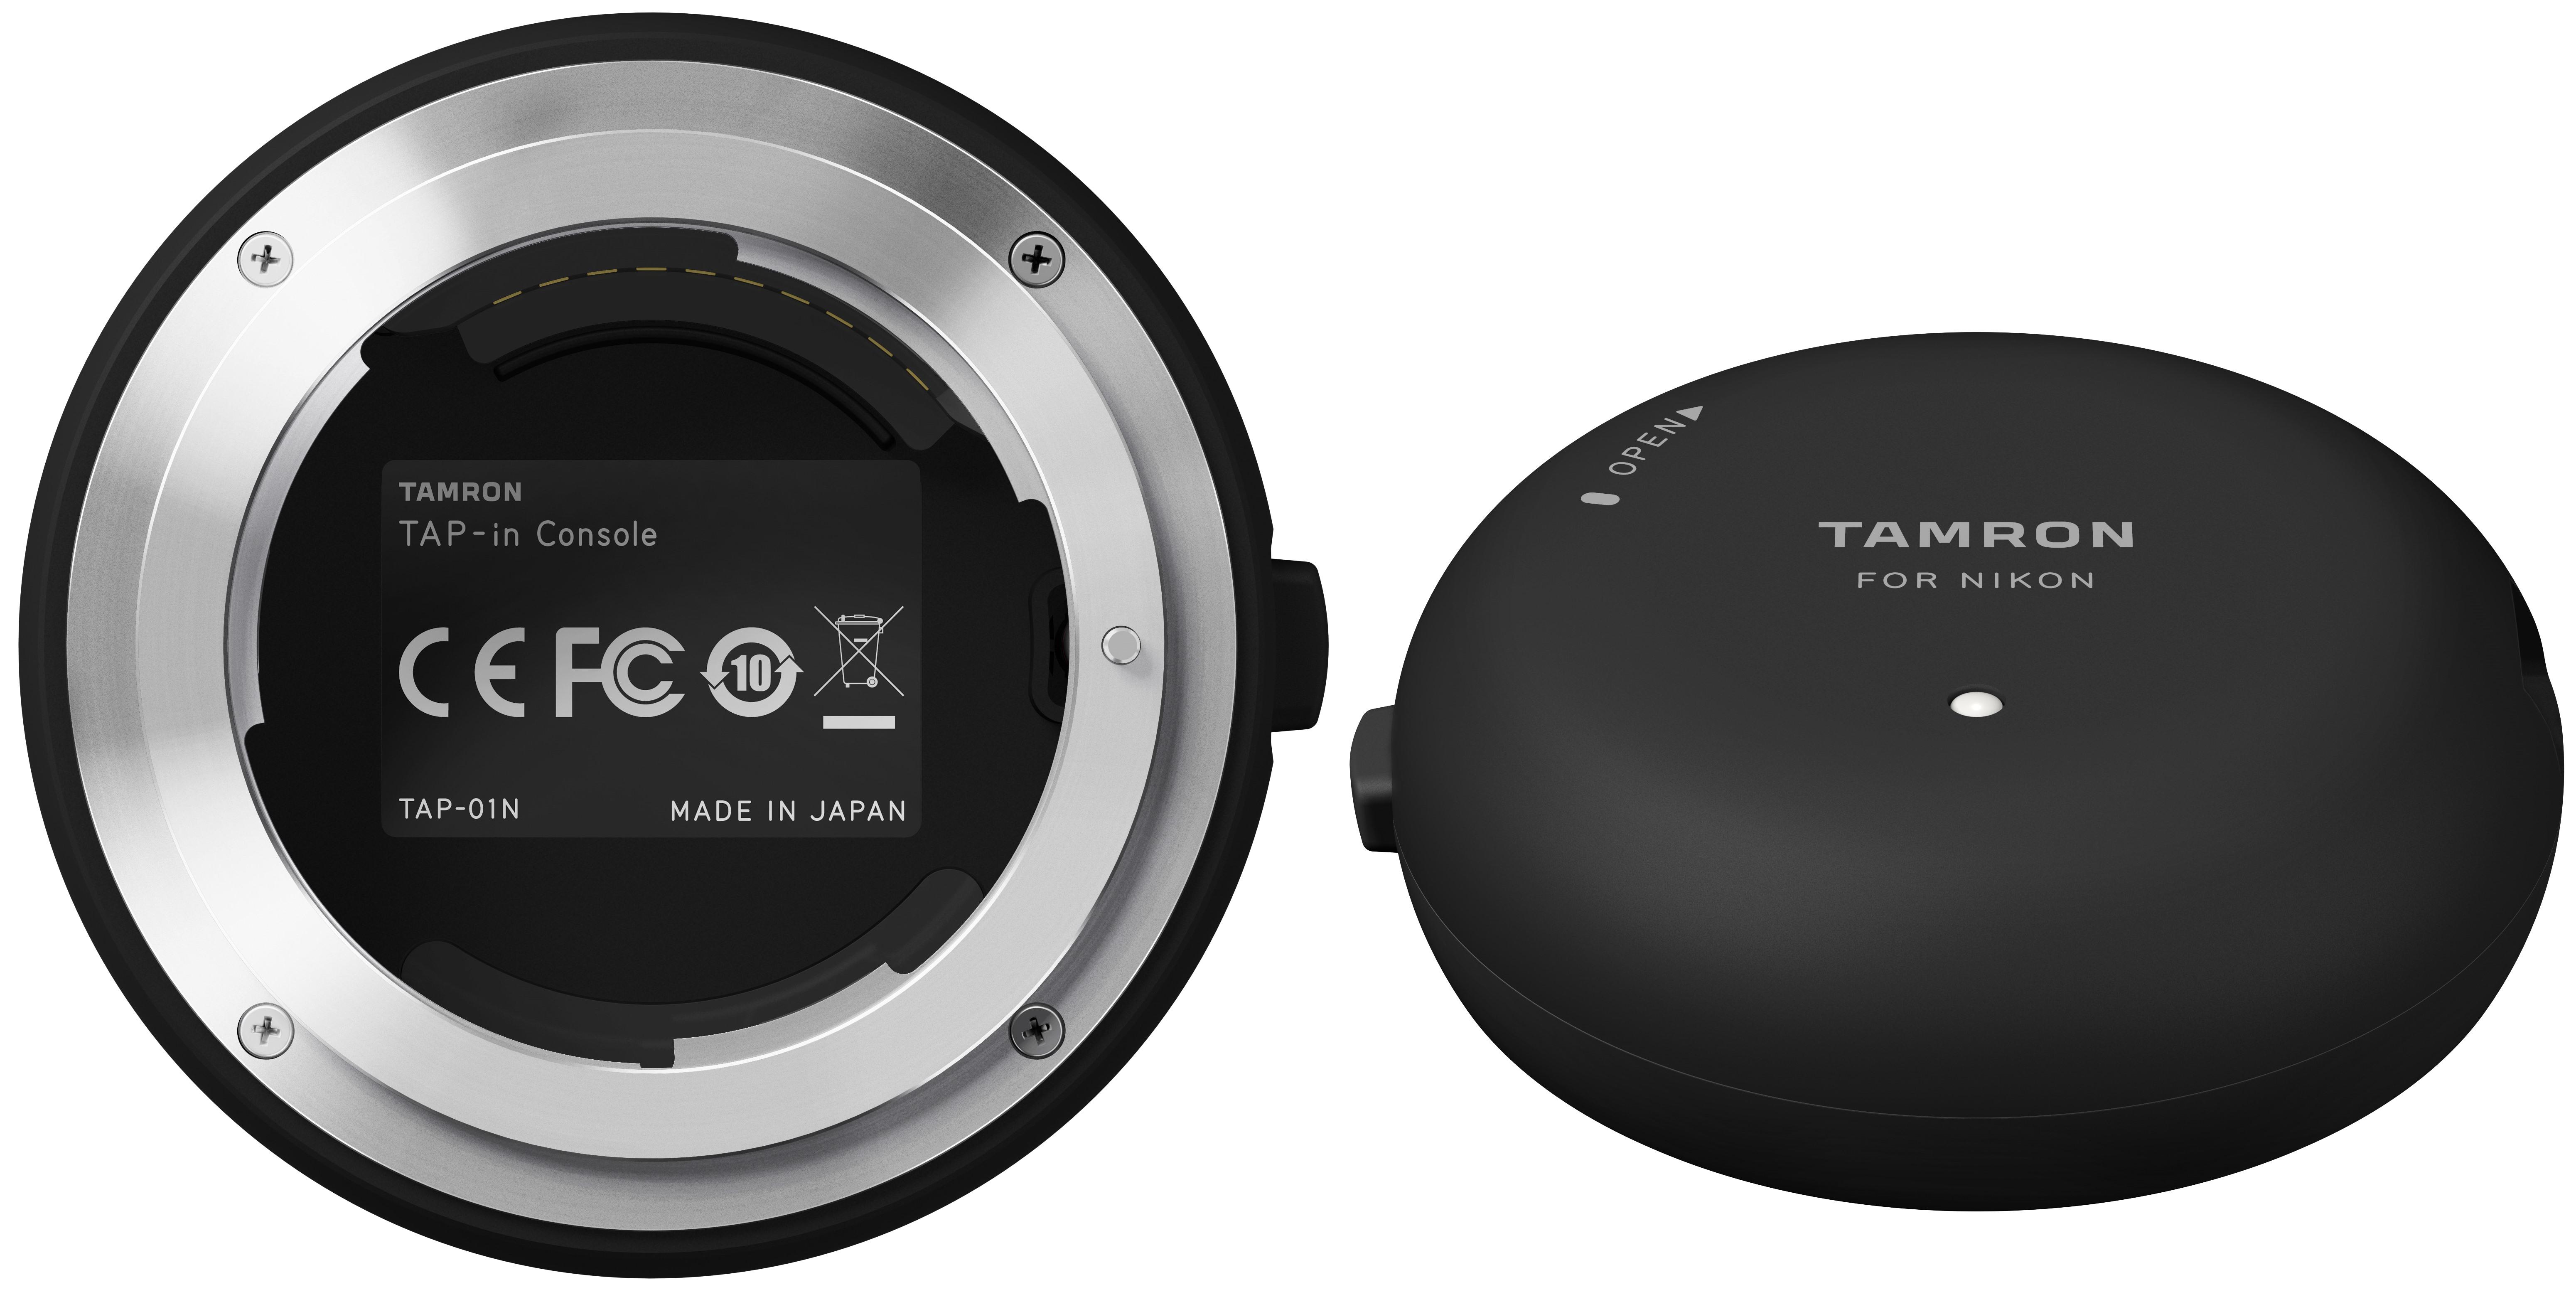 tamron mit neuem 85 mm f1 8 90 mm f2 8 makro und der tap. Black Bedroom Furniture Sets. Home Design Ideas